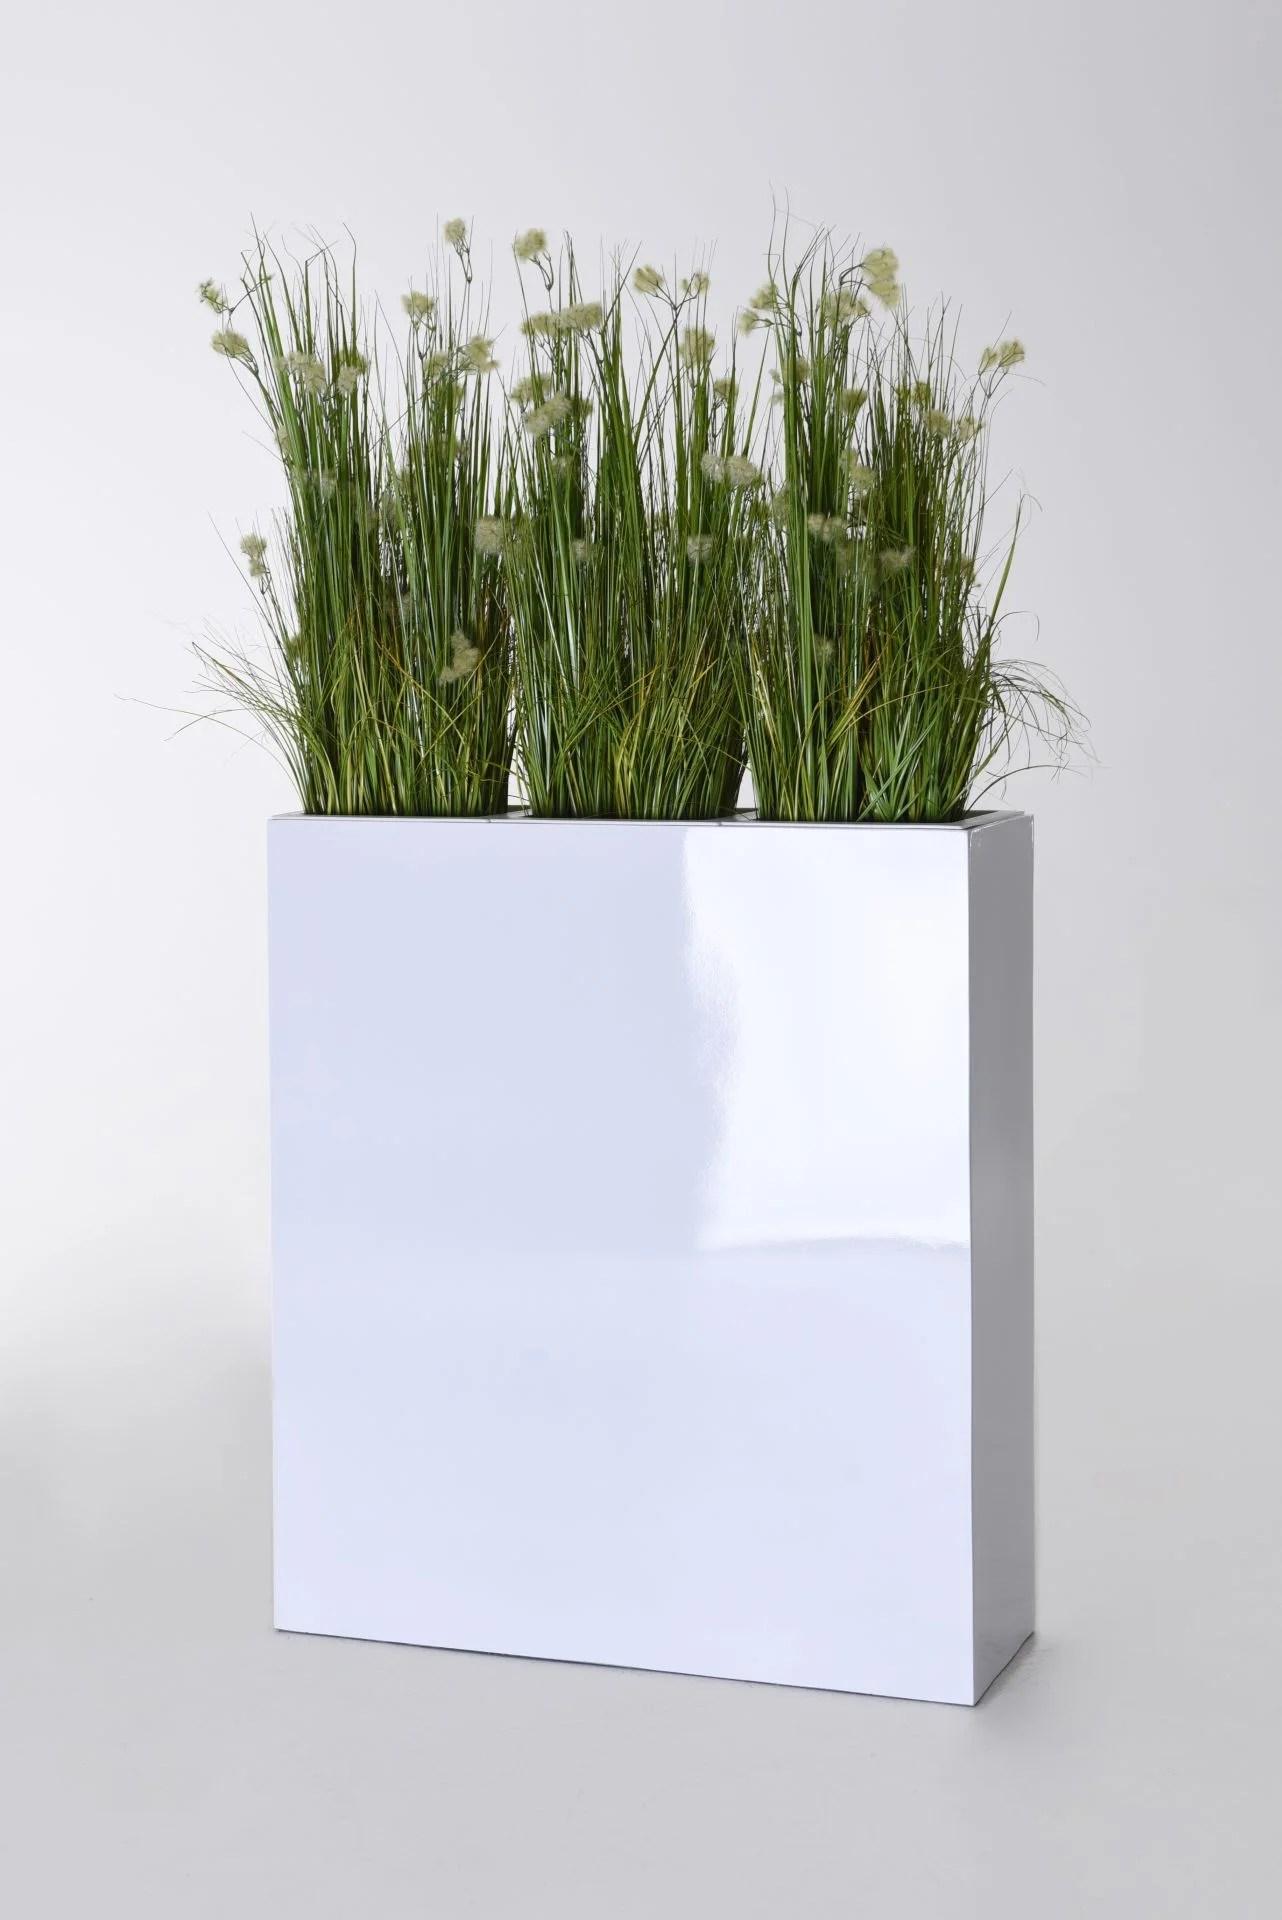 gro e blument pfe f r au en wundervolle gro e amphore vase in schwerer und massiver. Black Bedroom Furniture Sets. Home Design Ideas